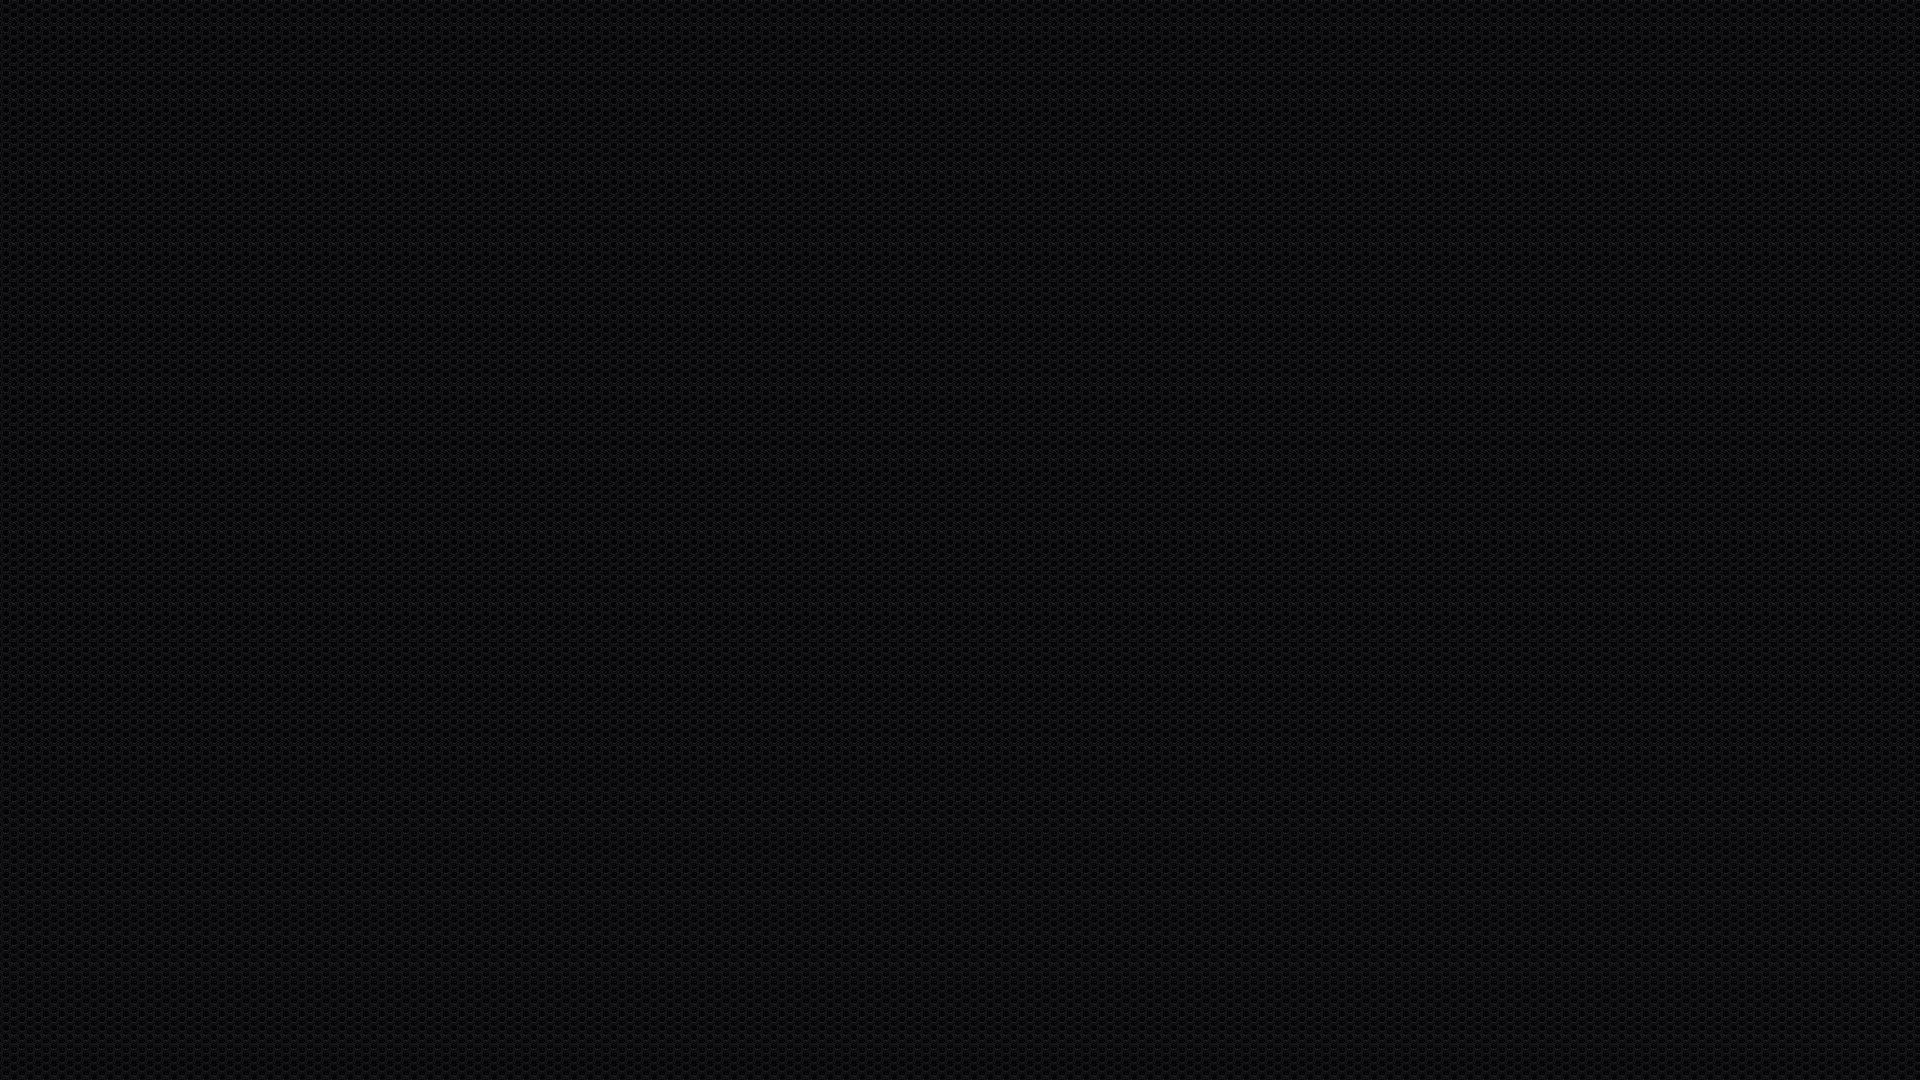 Black Wallpaper Iphone Die 79 Besten Schwarz Hintergrundbilder